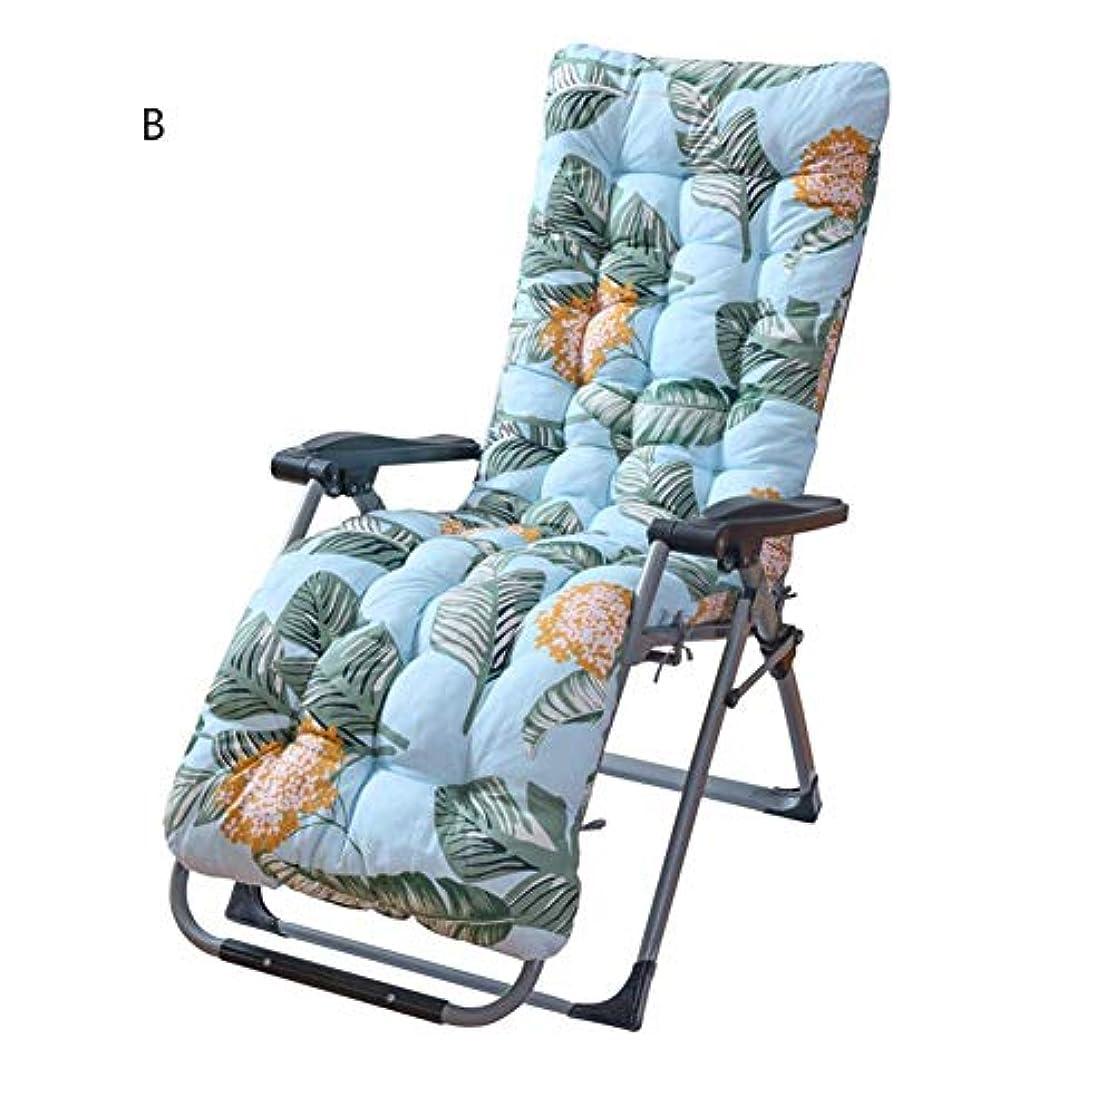 ぴかぴか霊浸す旅行の休日のための椅子リクライニングチェアクッションパッド、ラウンジクッション肥厚、ポータブルパティオ太いパッド入りのベッドリクライニングチェアリラクサーシートカバー